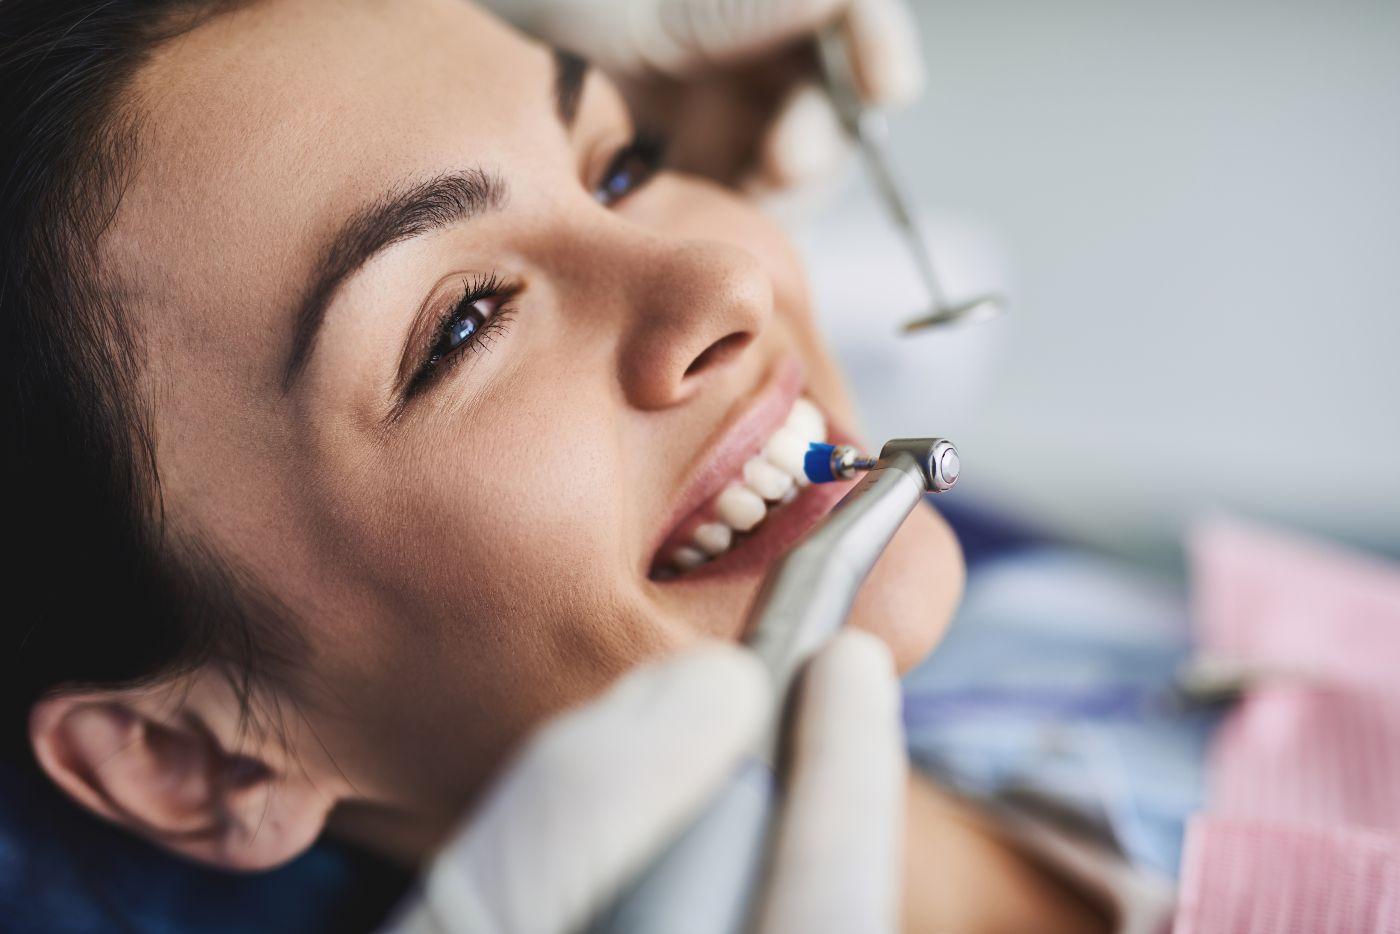 Preventative dentistry in Spartanburg